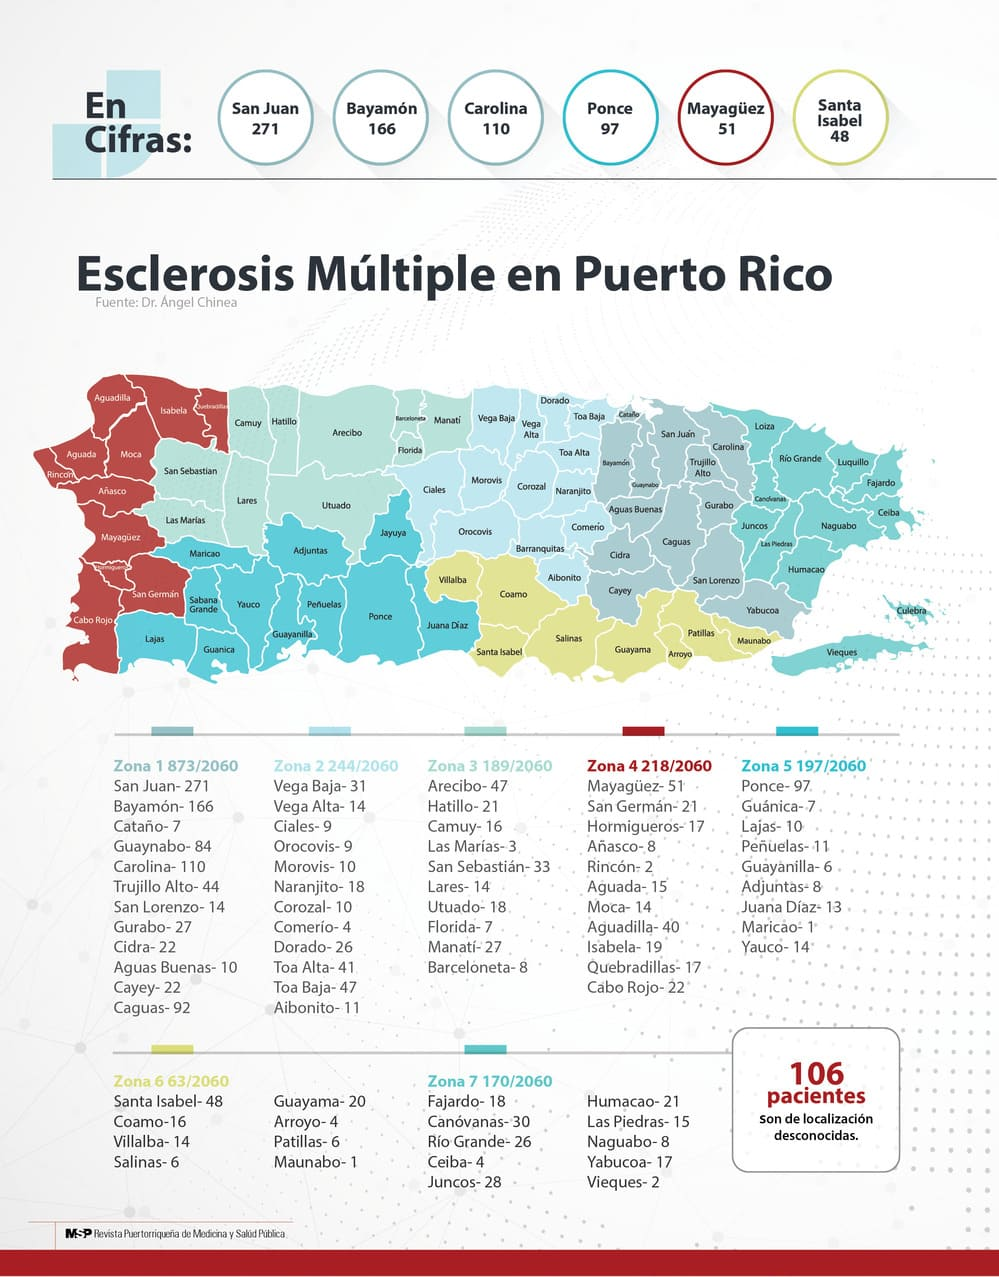 La Esclerosis Múltiple en Puerto Rico